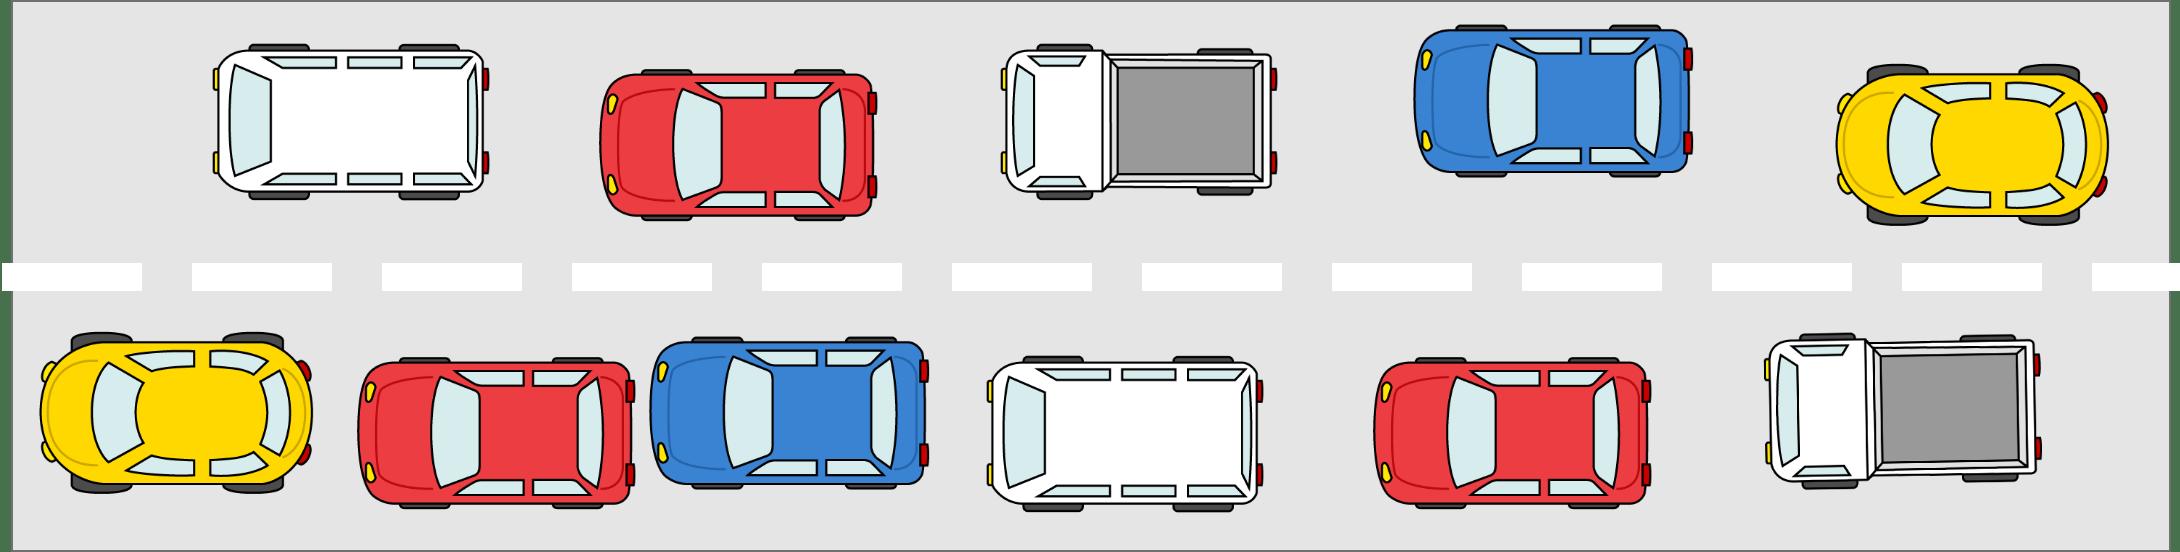 ノロノロ運転